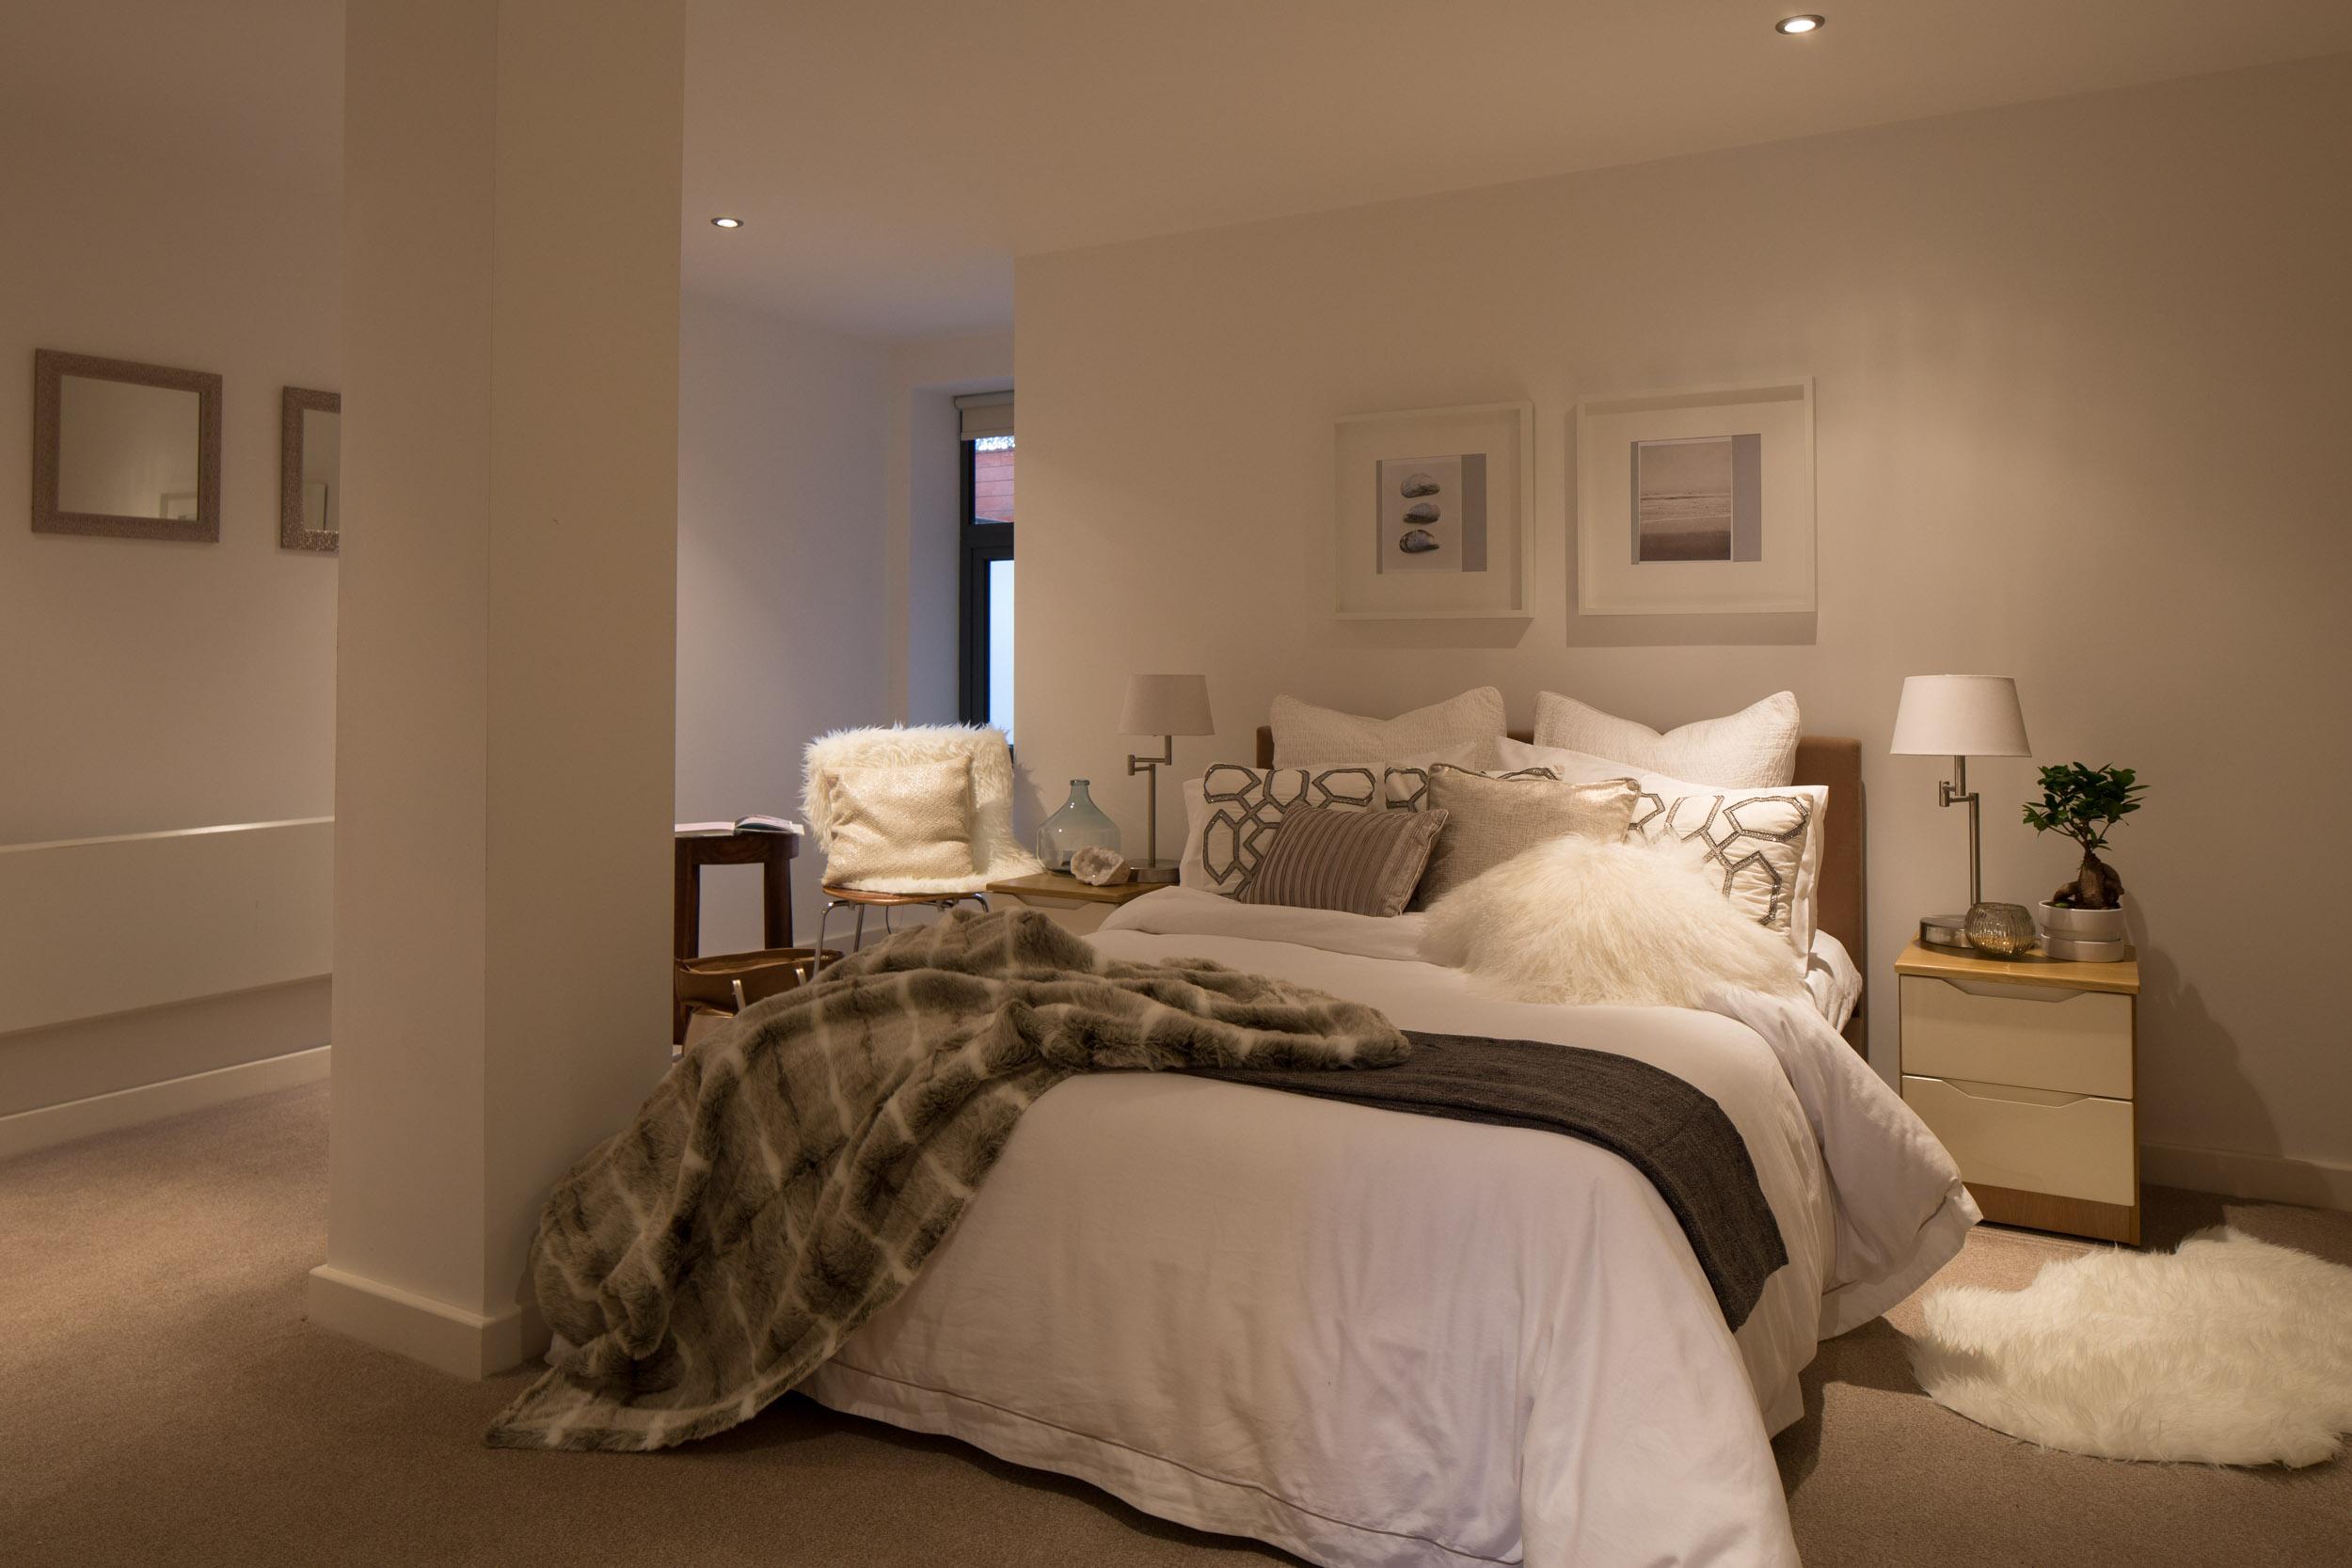 leeds 2020 bedroom interior design before.jpg